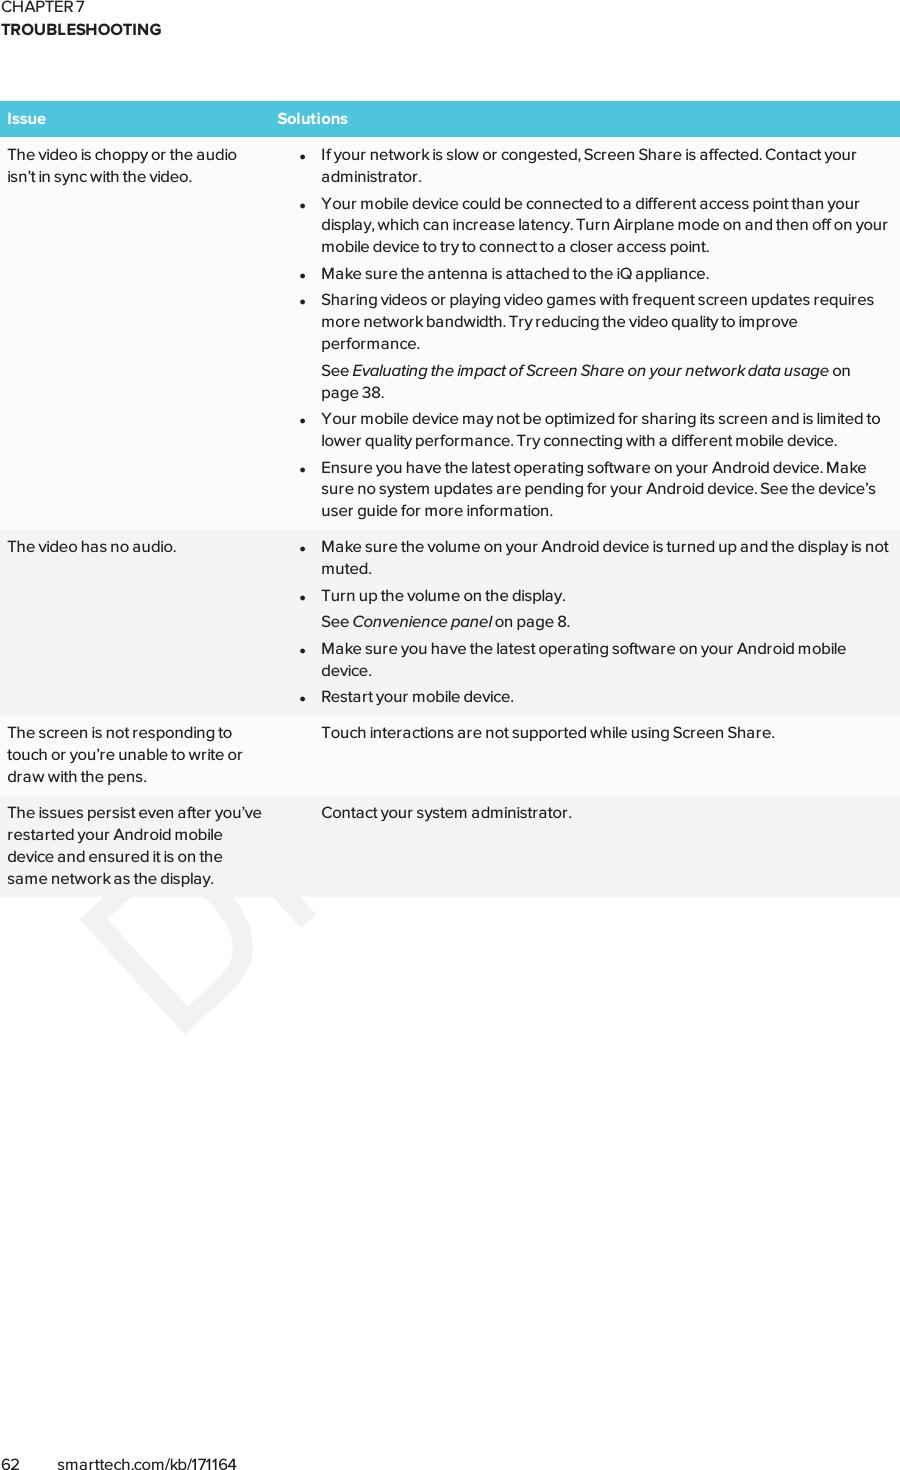 ipad pro user manual pdf